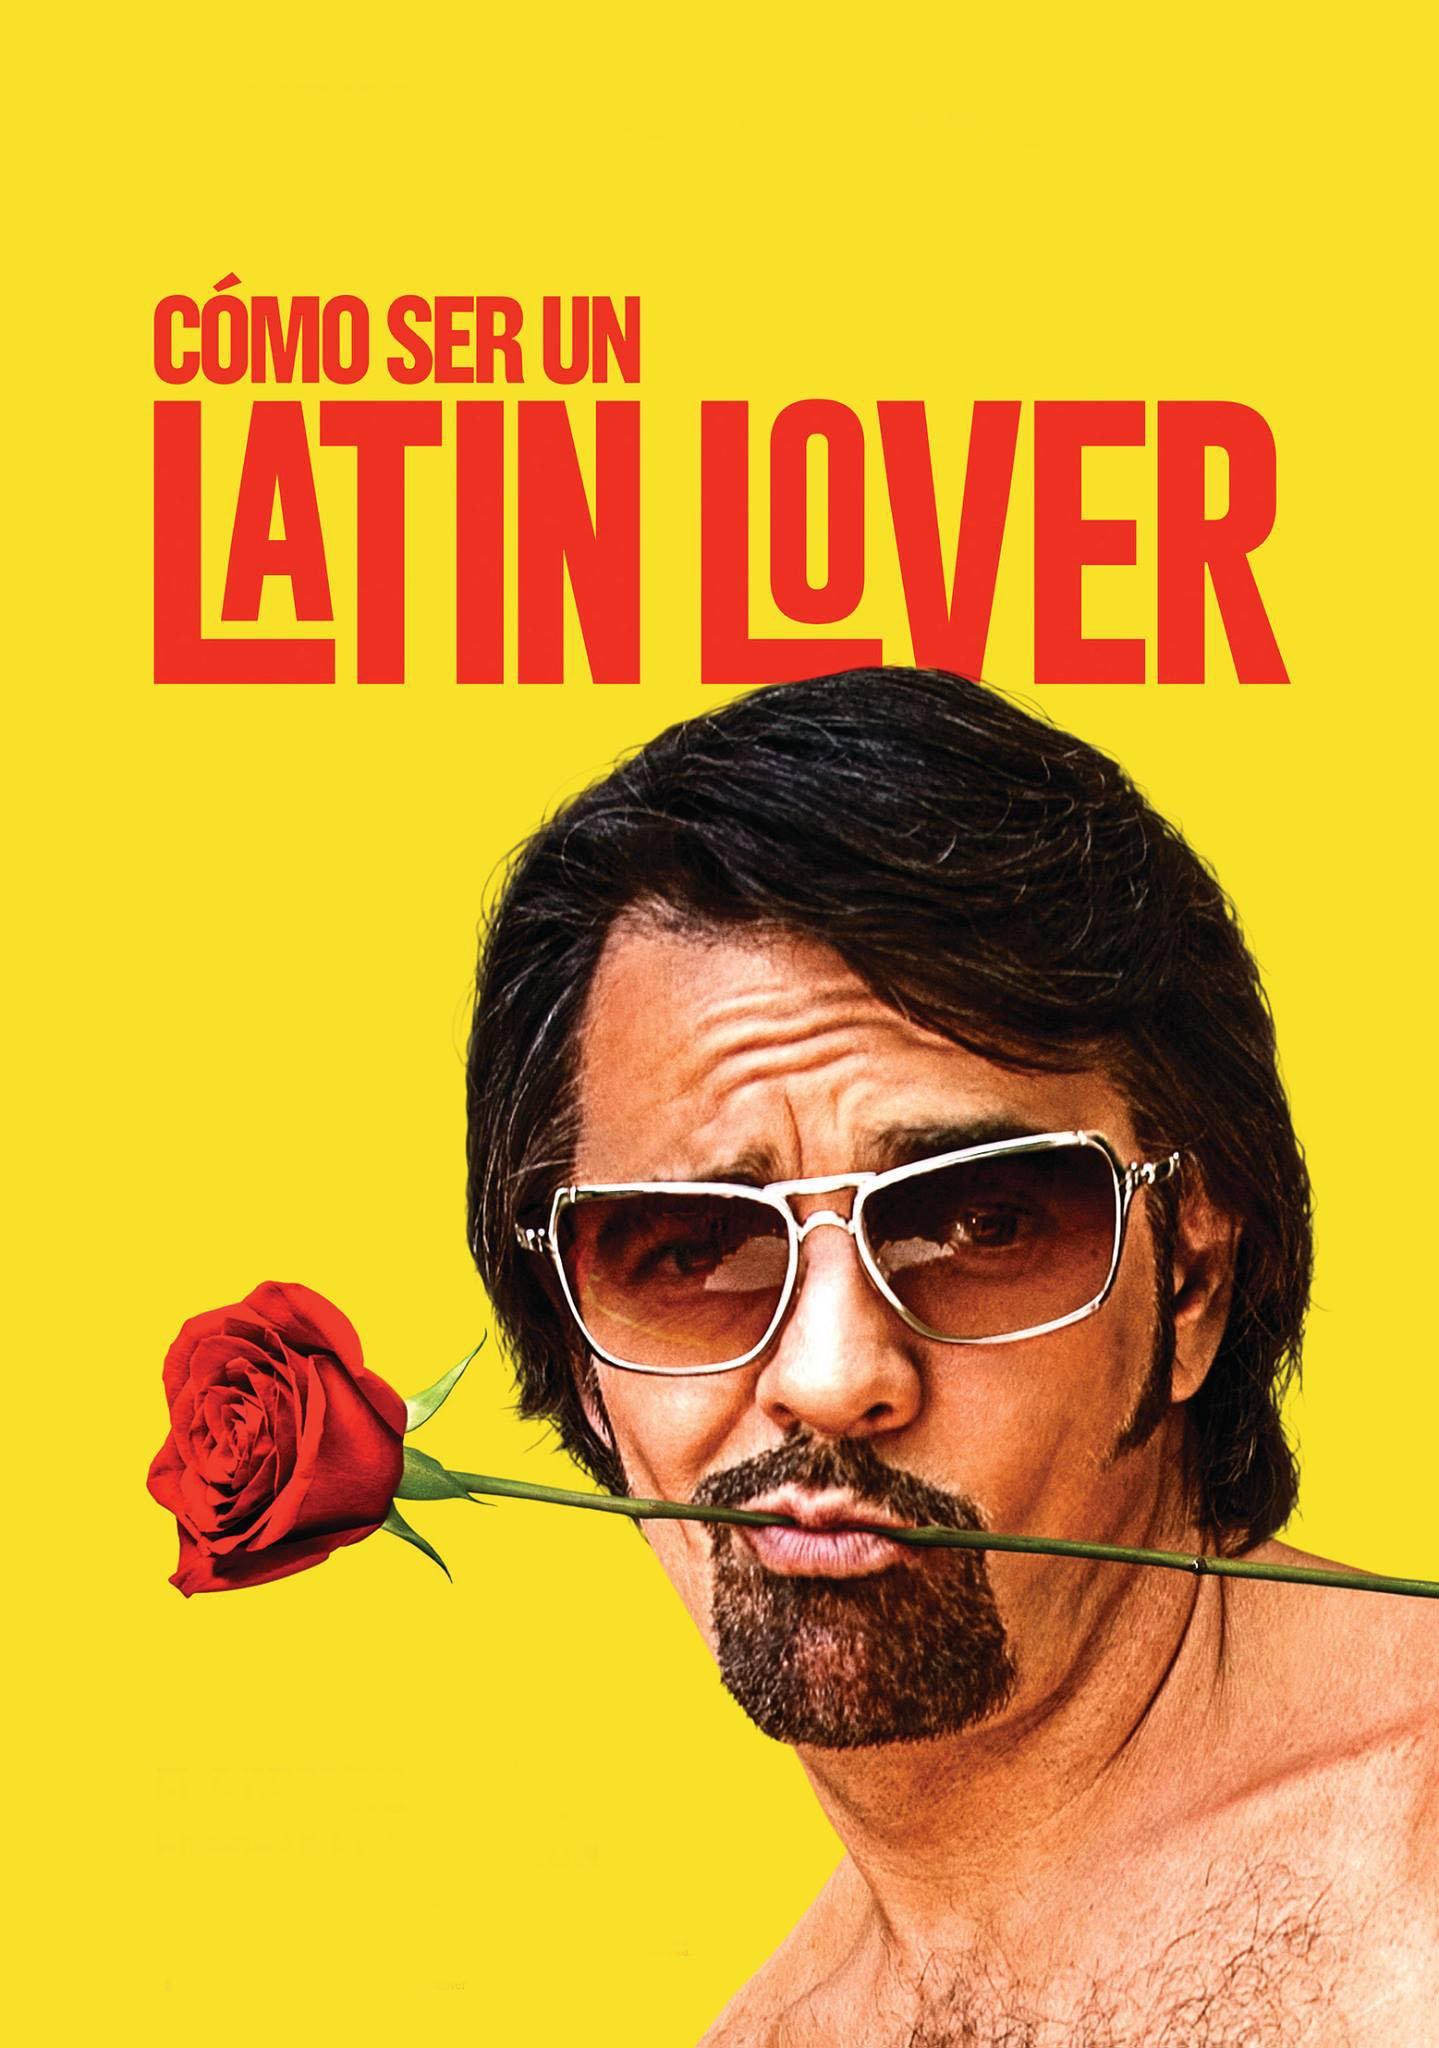 როგორ გახდე ლათინელი საყვარელი / How to Be a Latin Lover